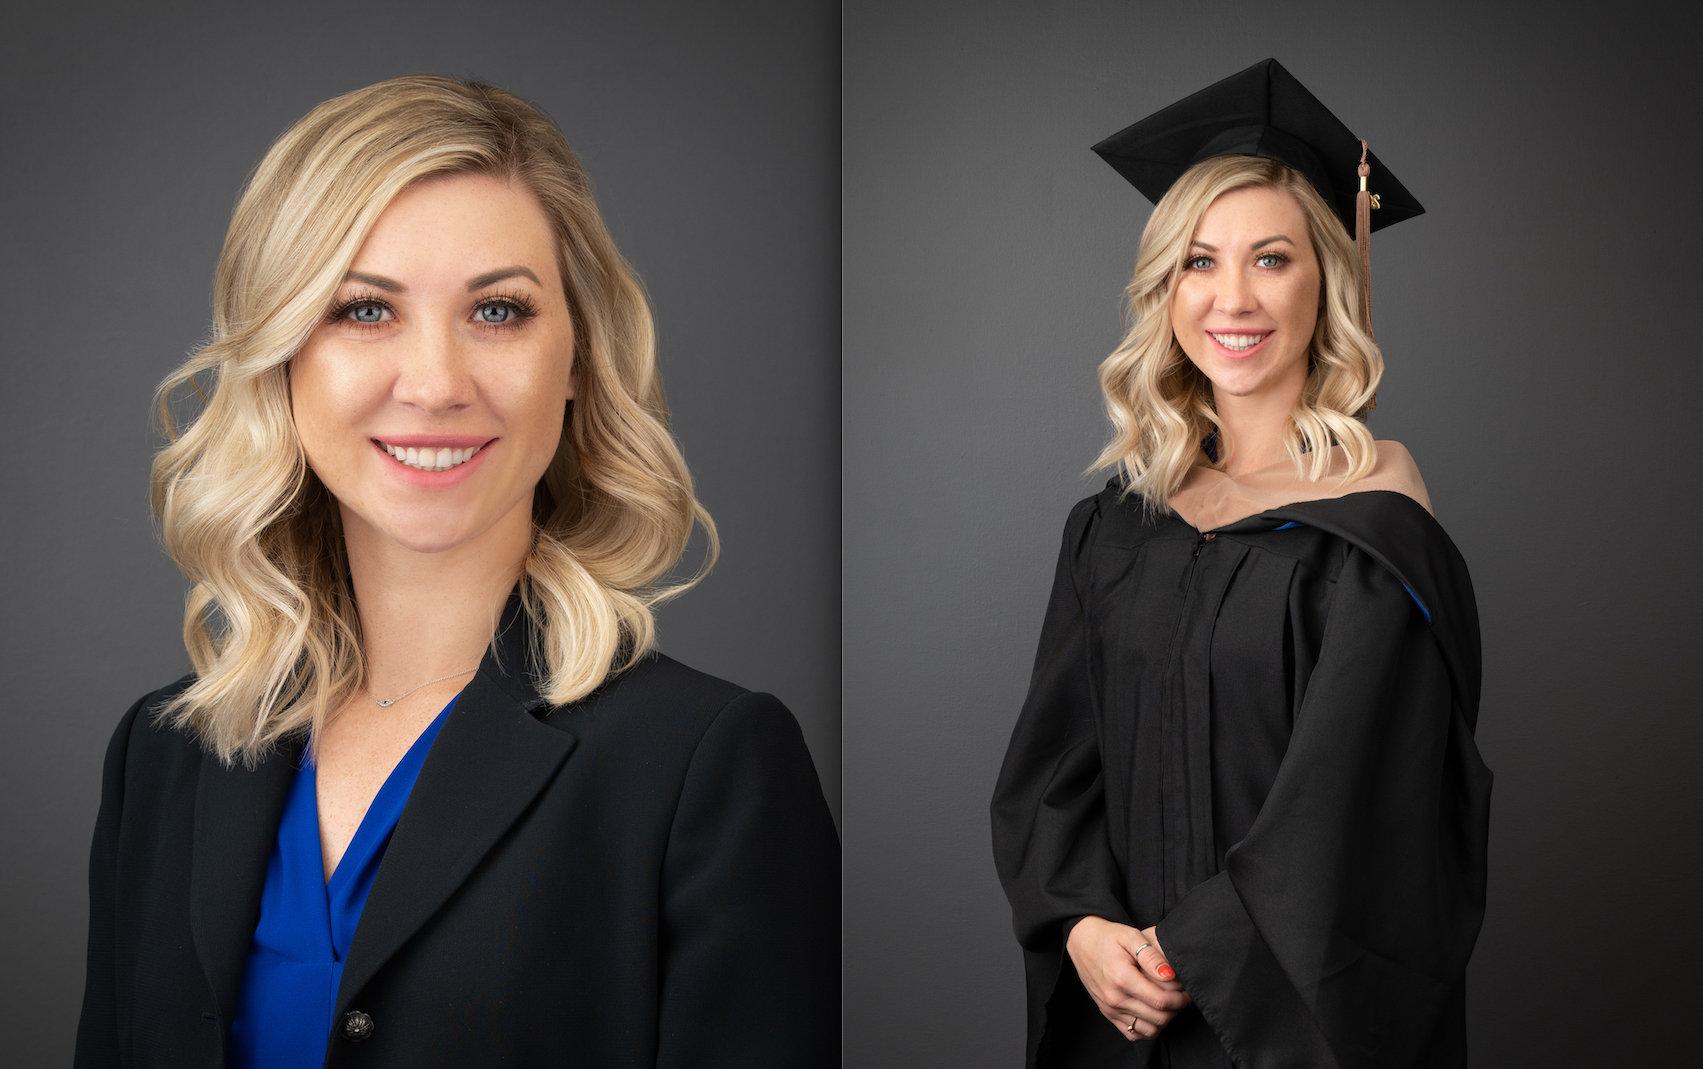 Graduation Gown & Suit Headshot